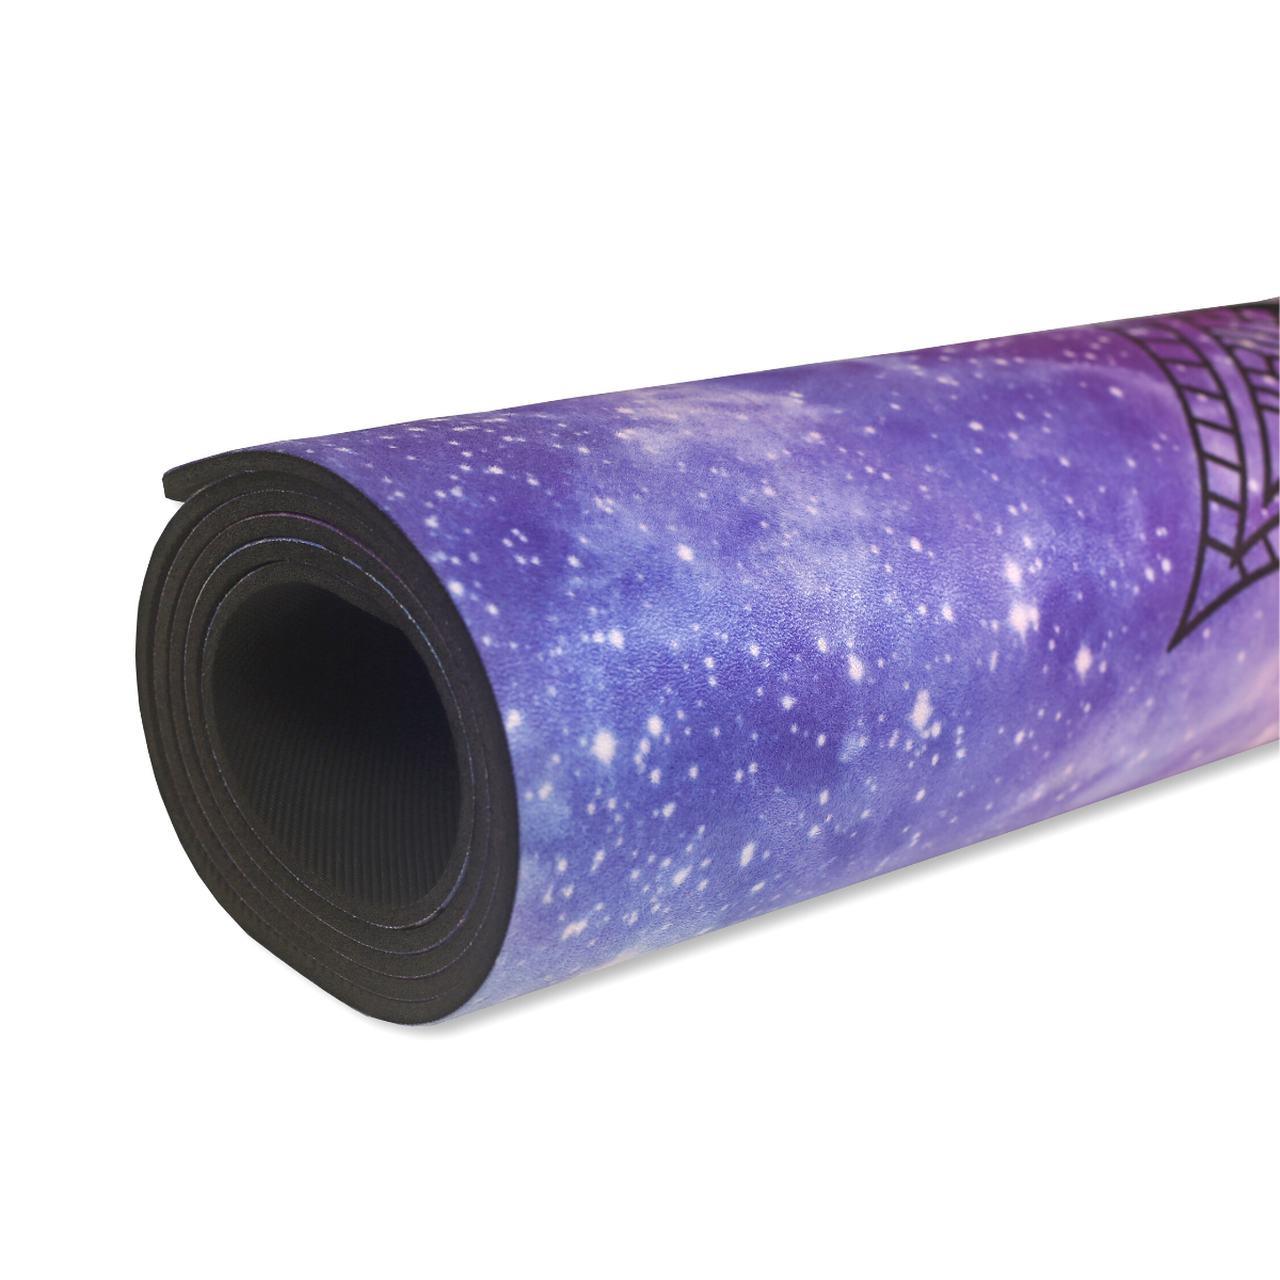 Tapete de Yoga Aveludado com Borracha Natural 183x68cm - Cosmos